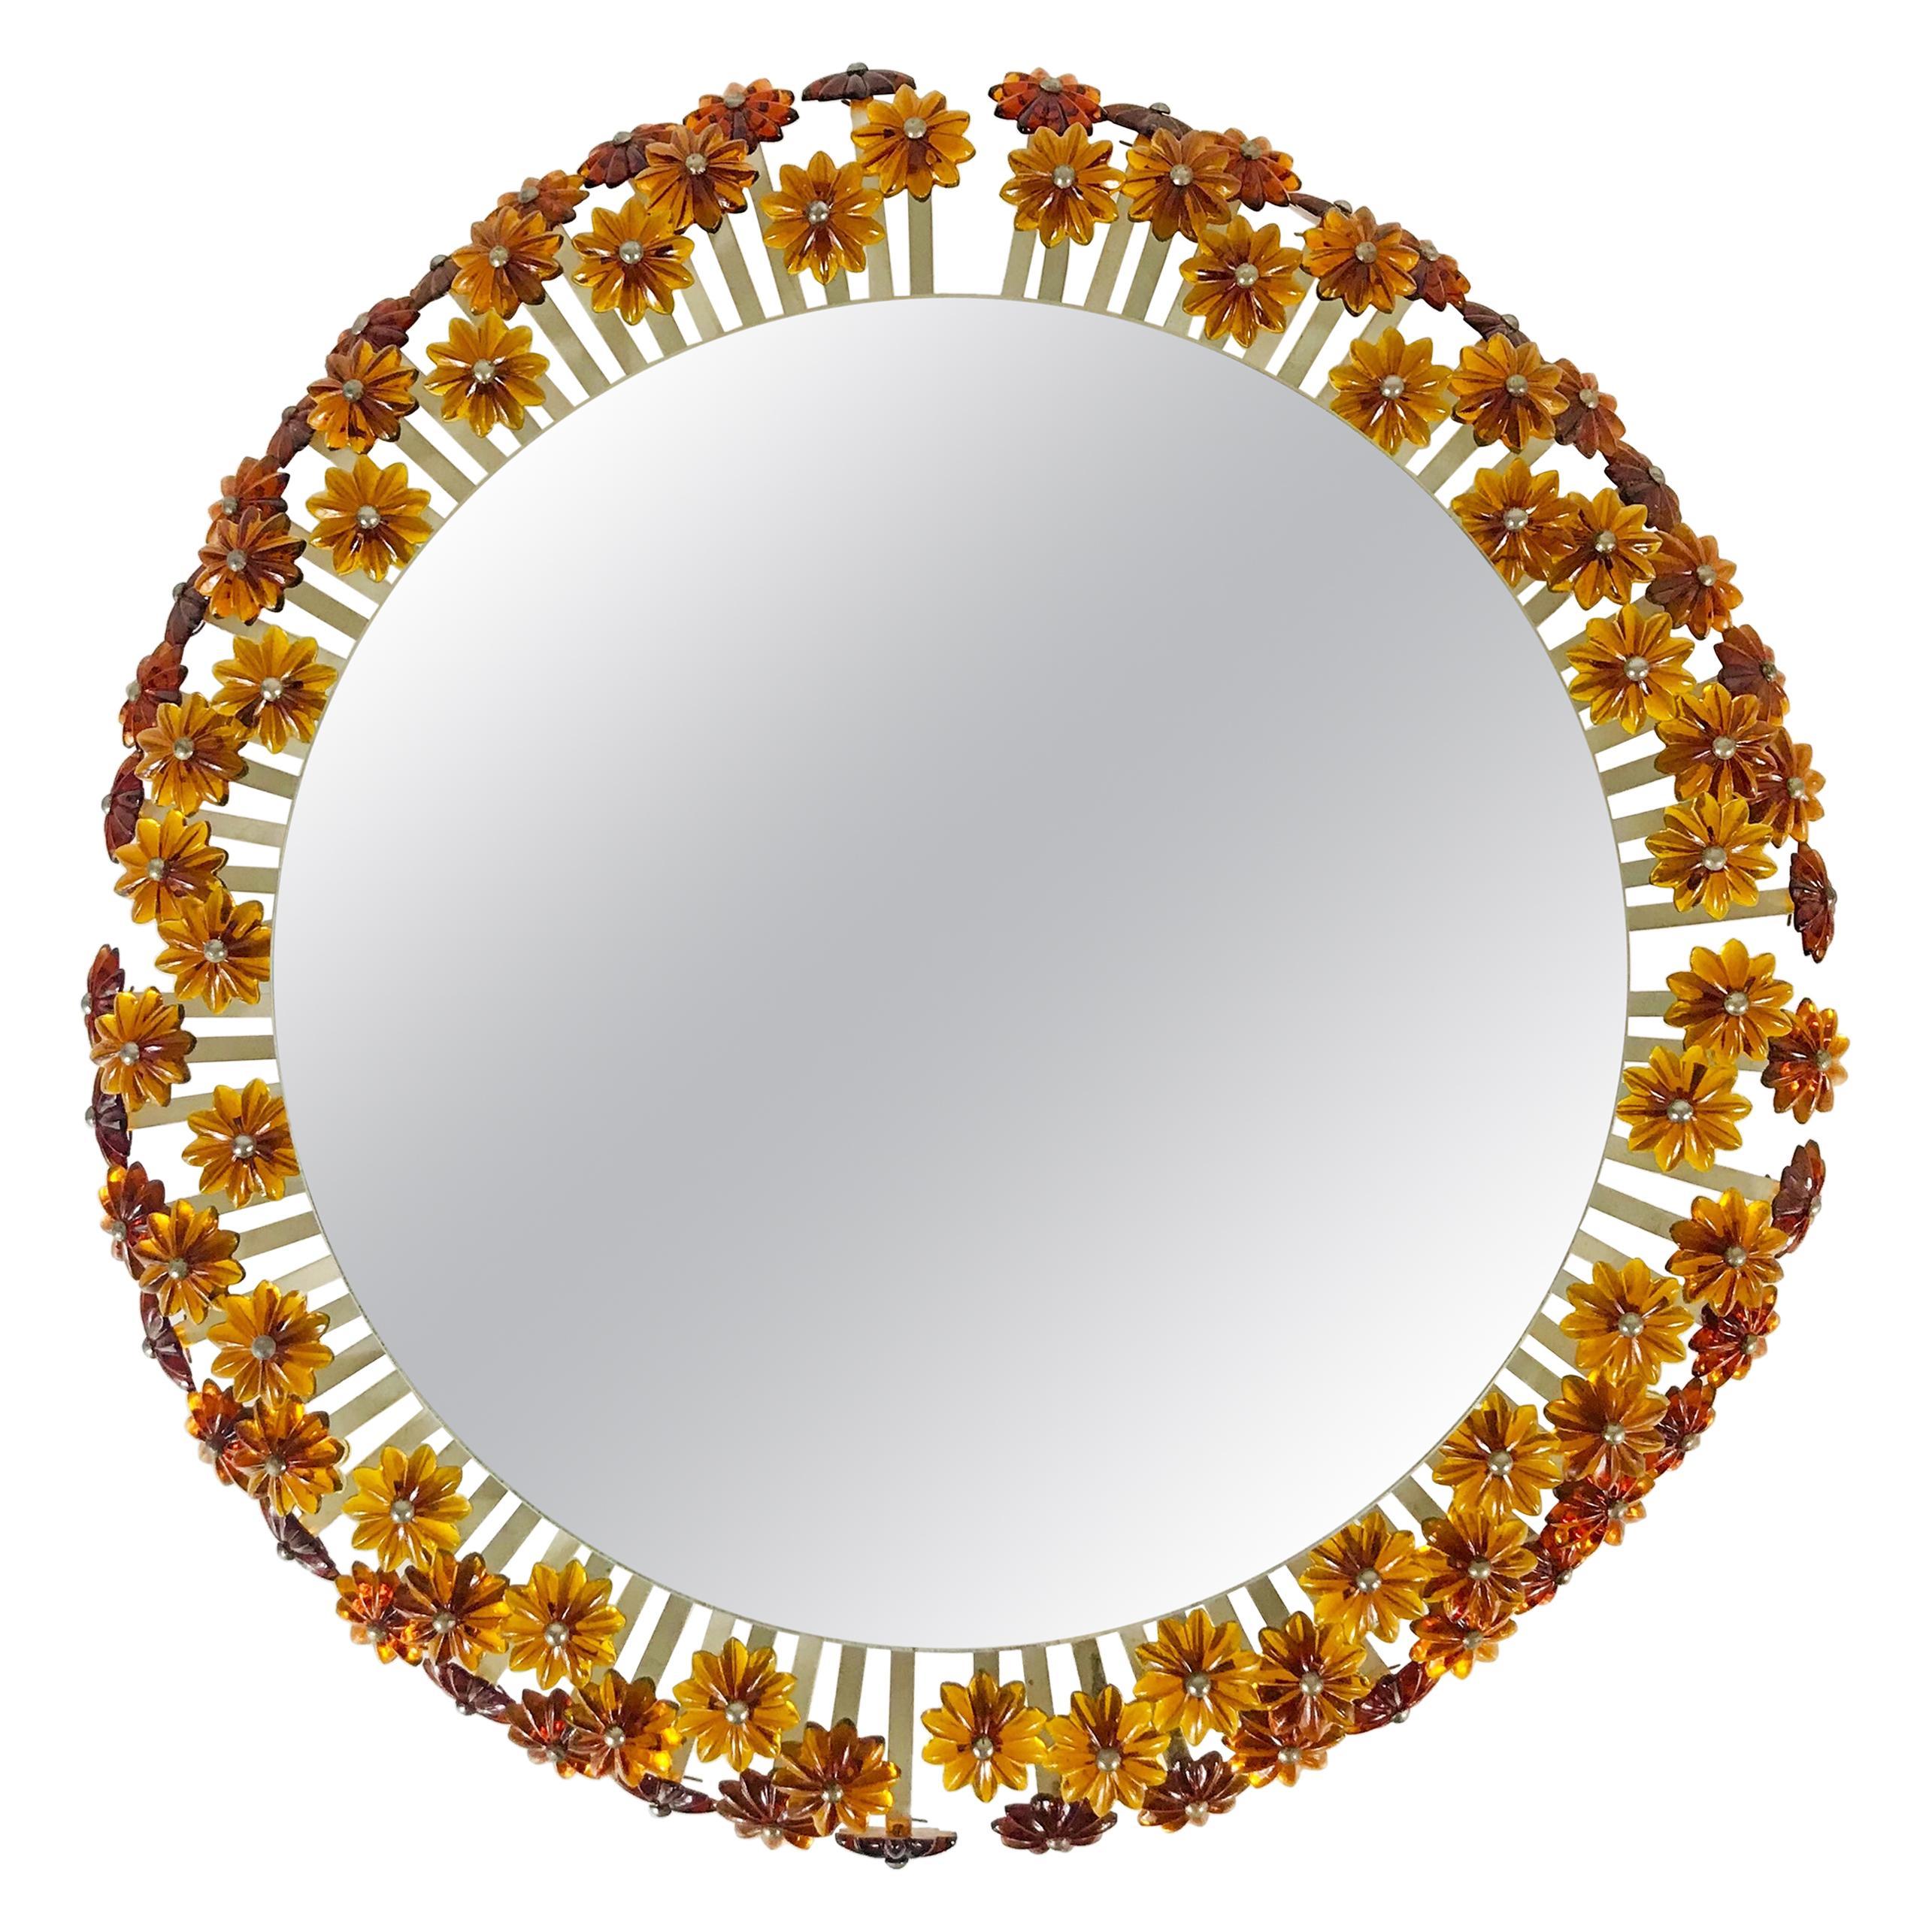 Mid-Century Modern Round Mirror by Emil Stejnar for Rupert Nikoll, Austria 1960s